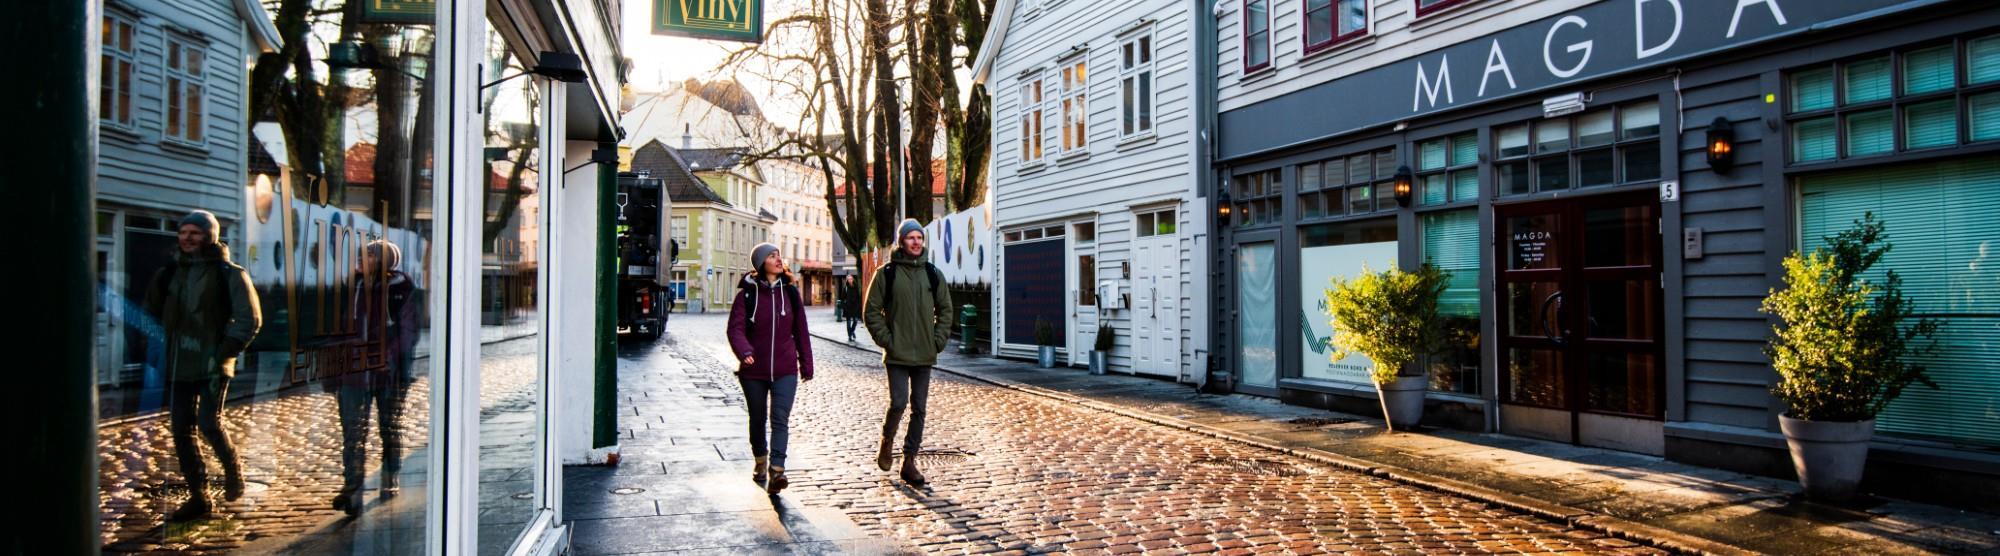 Ting å gjøre i Bergen med venner